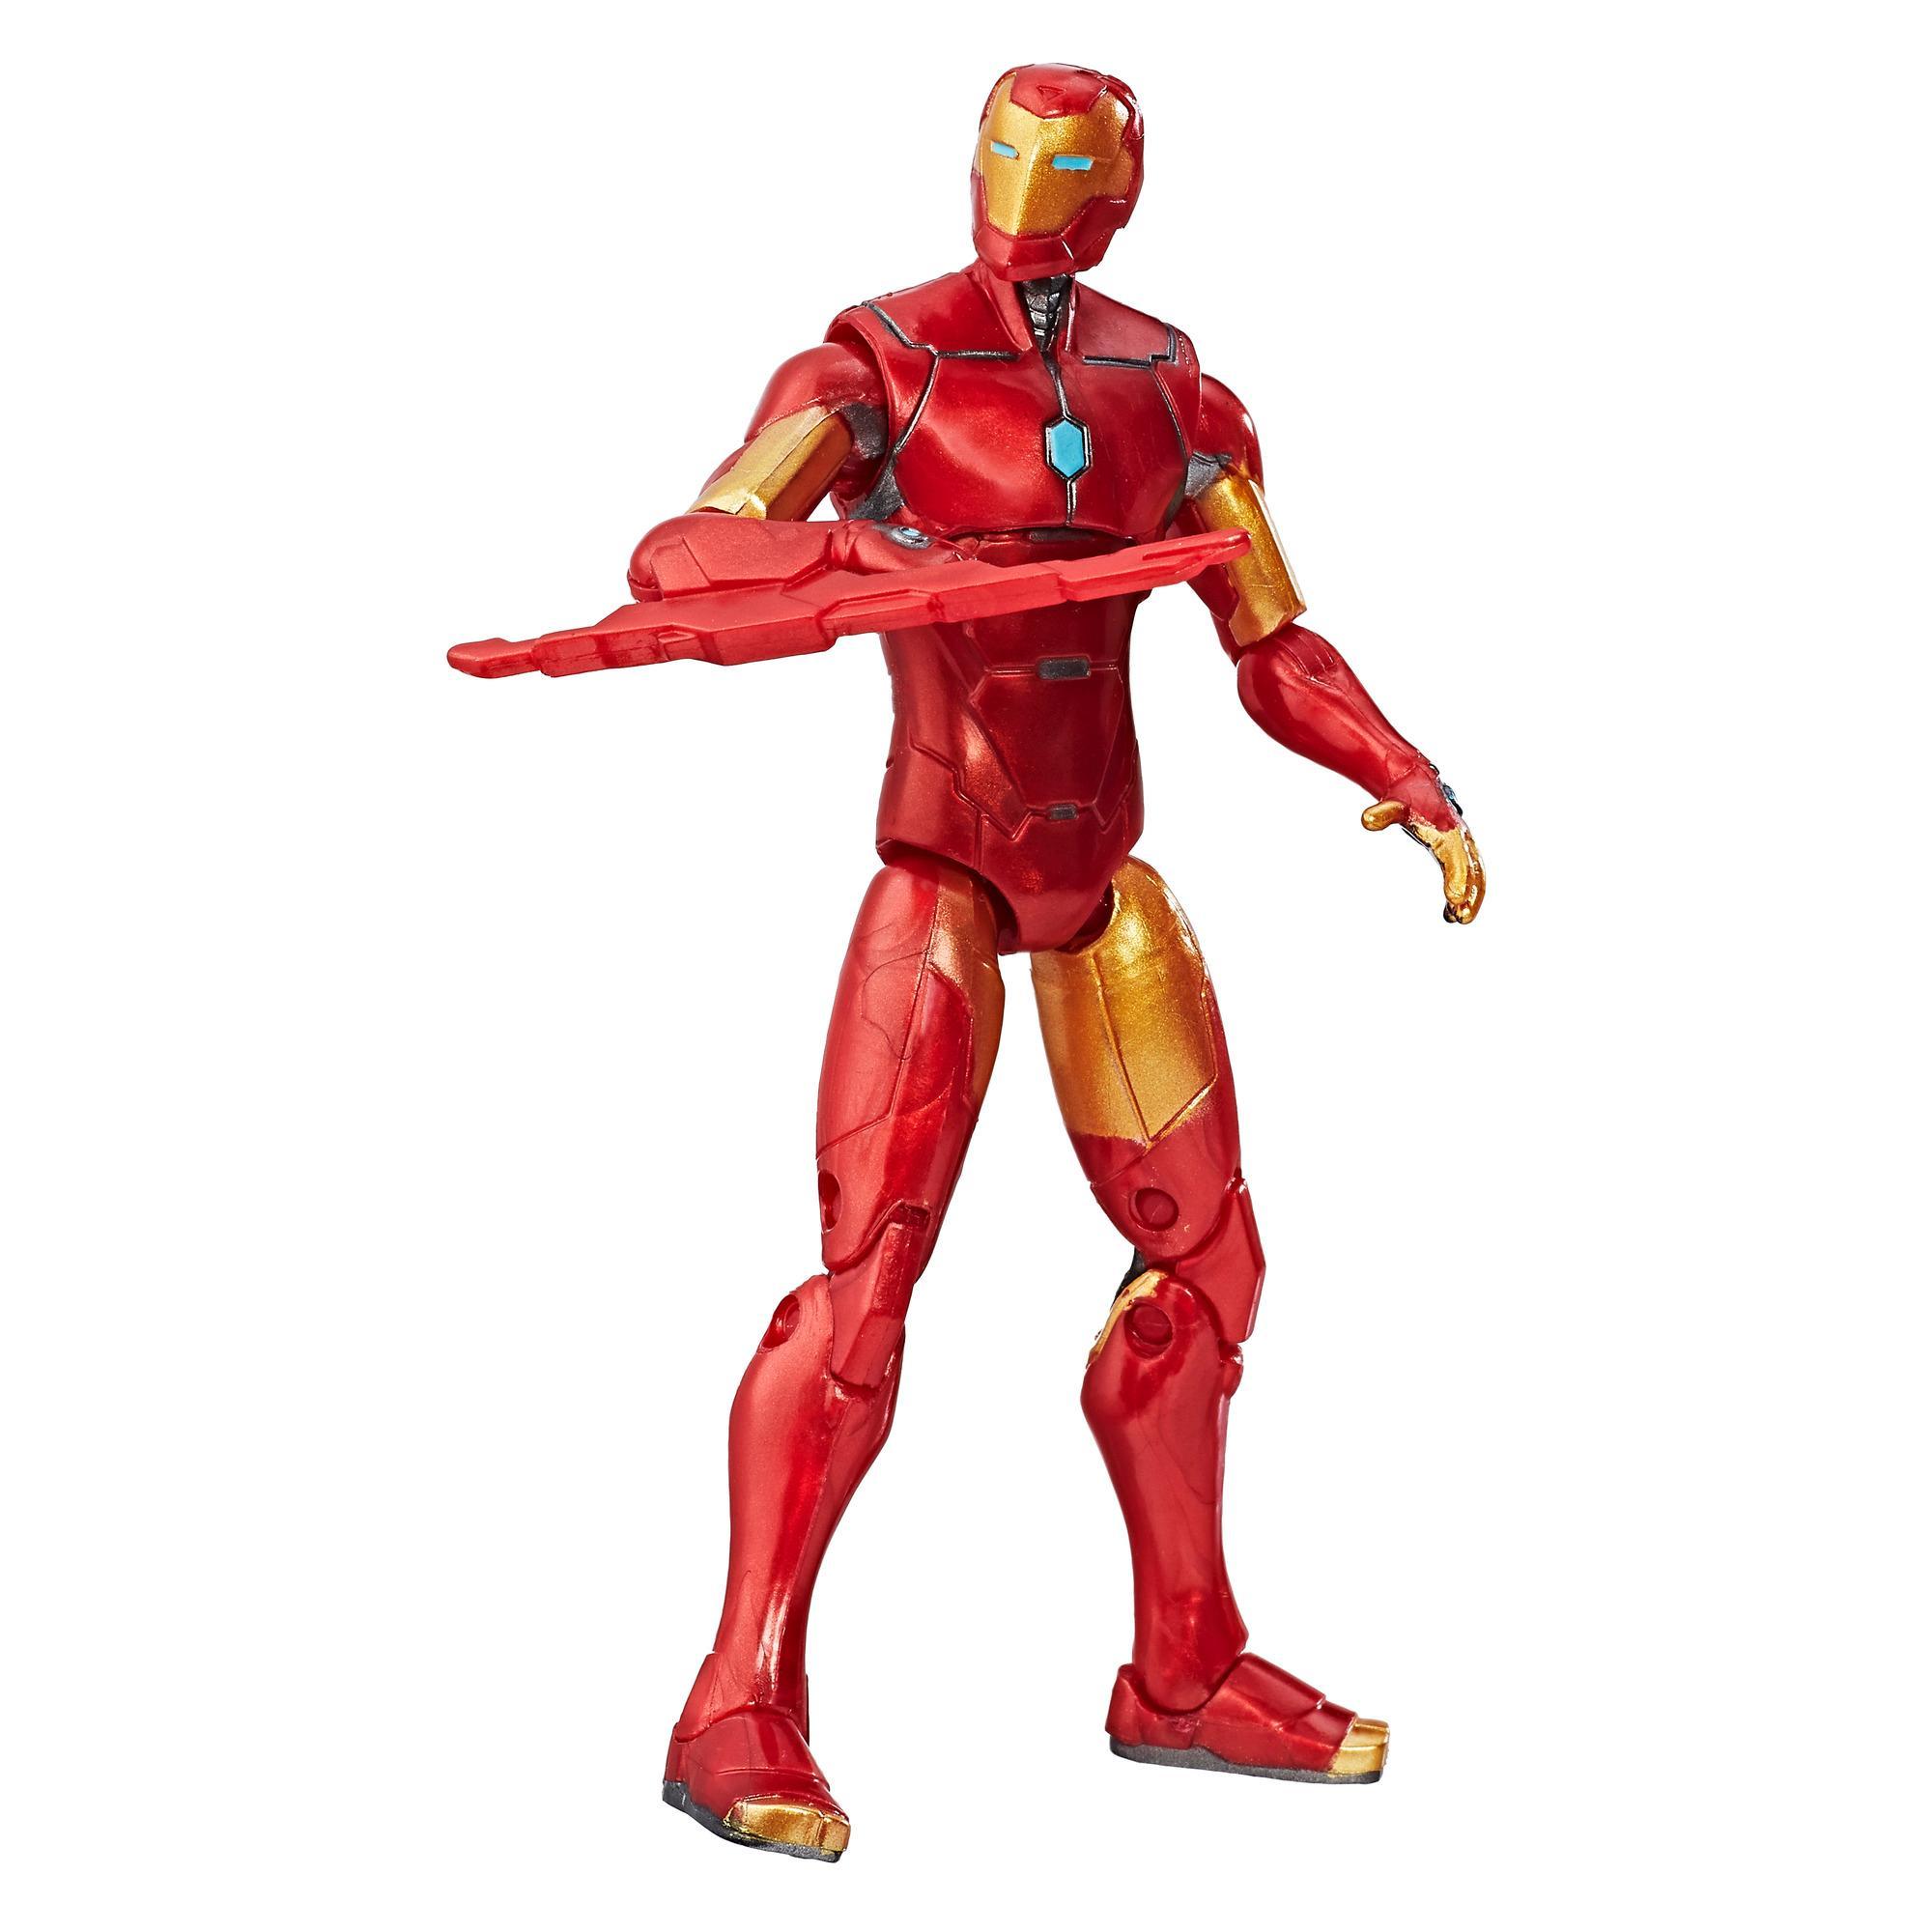 Коллекционная фигурка Мстителей Непобедимый Железный человек 9,5 см.